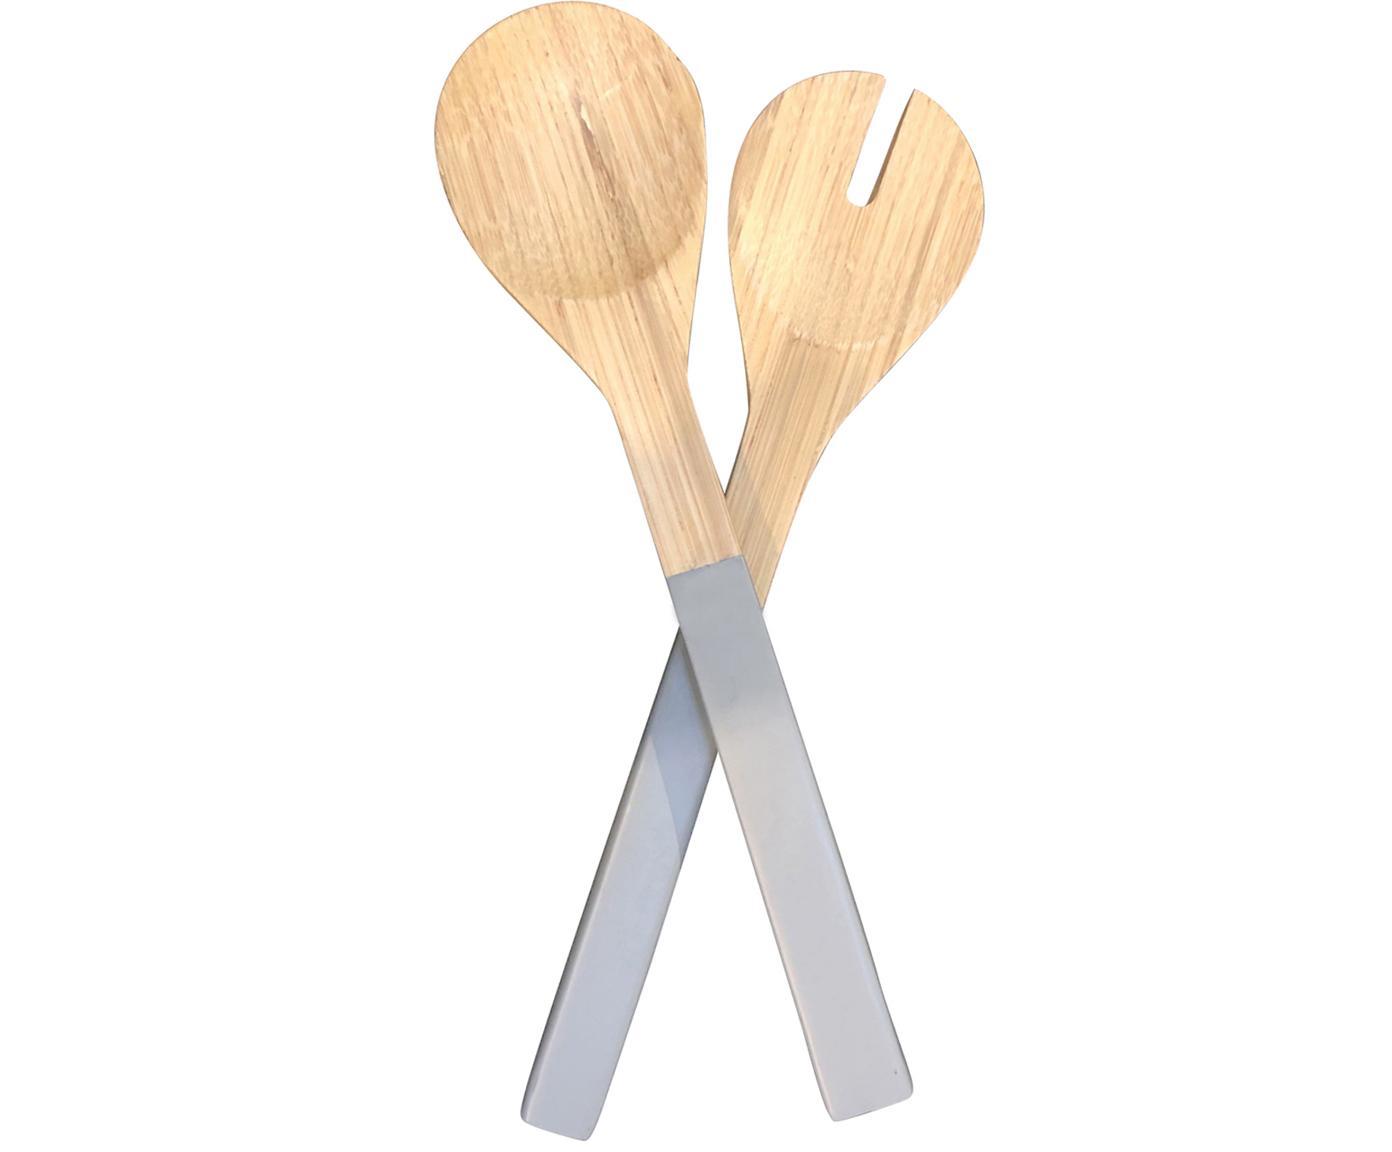 Posate da insalata in bambù Tina, set di 2, Bambù, Grigio, Lung. 30 cm